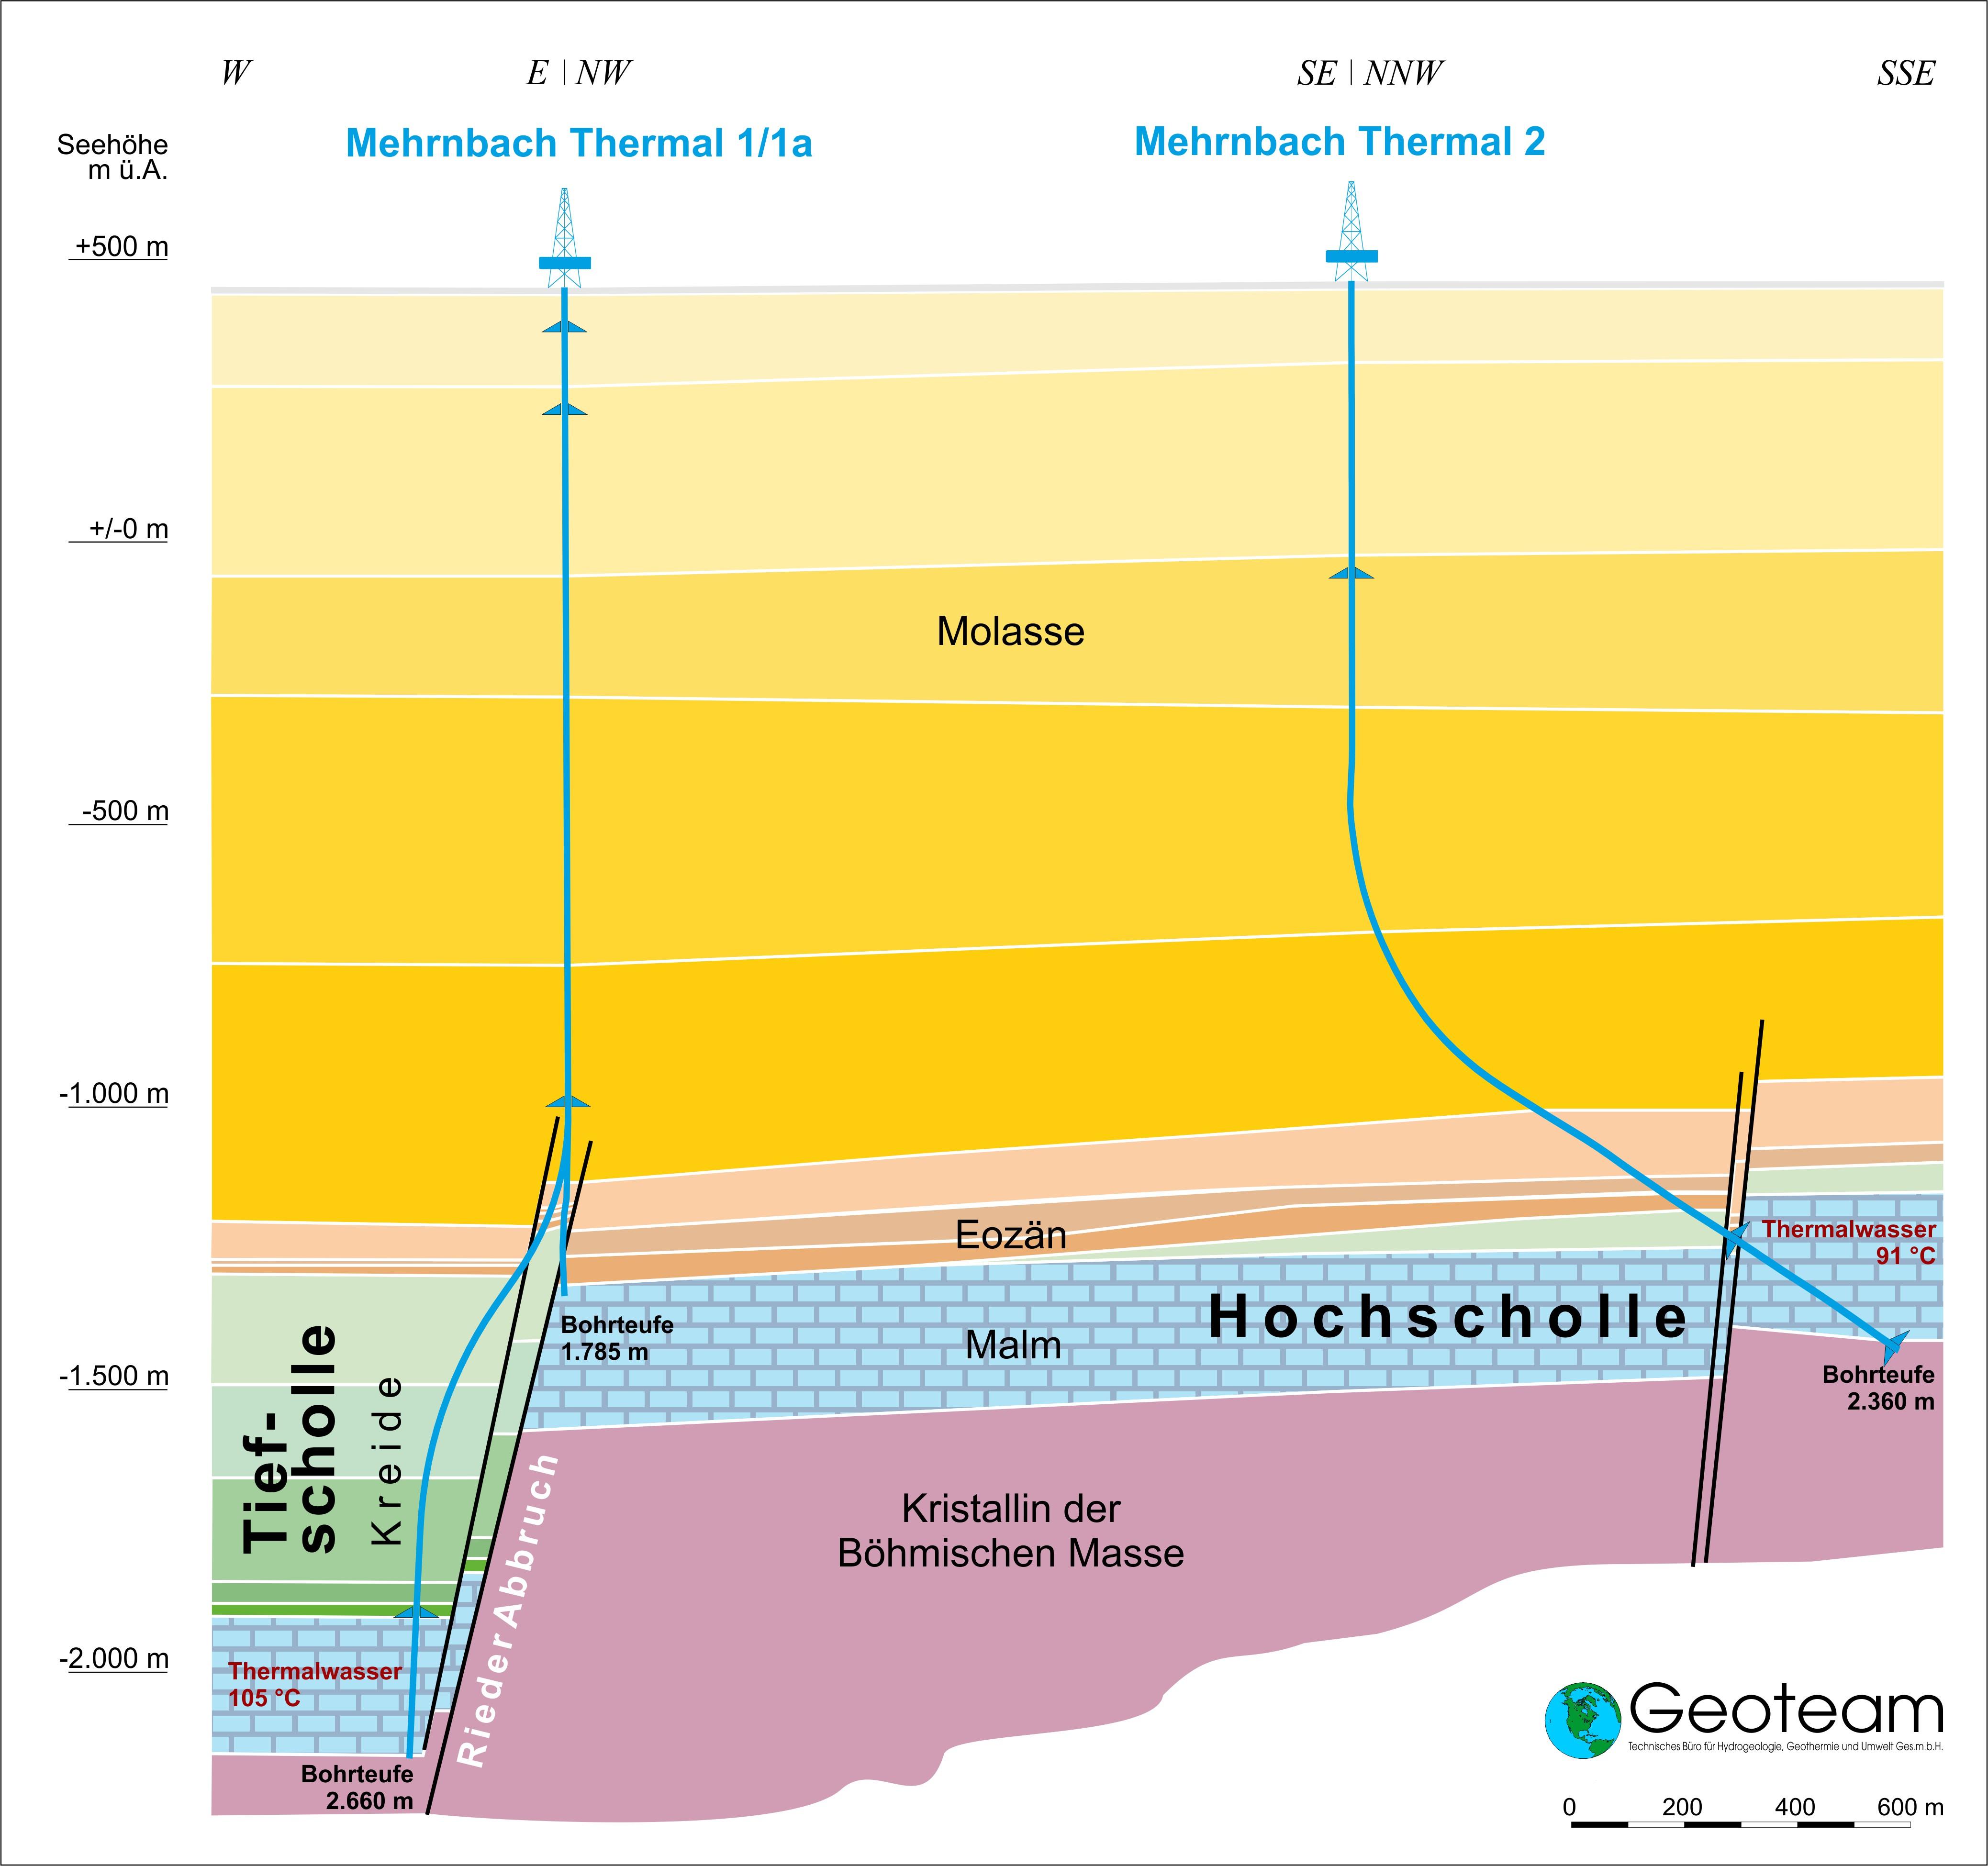 Niedlich Wasserhaushaltsschema Ideen - Elektrische Schaltplan-Ideen ...